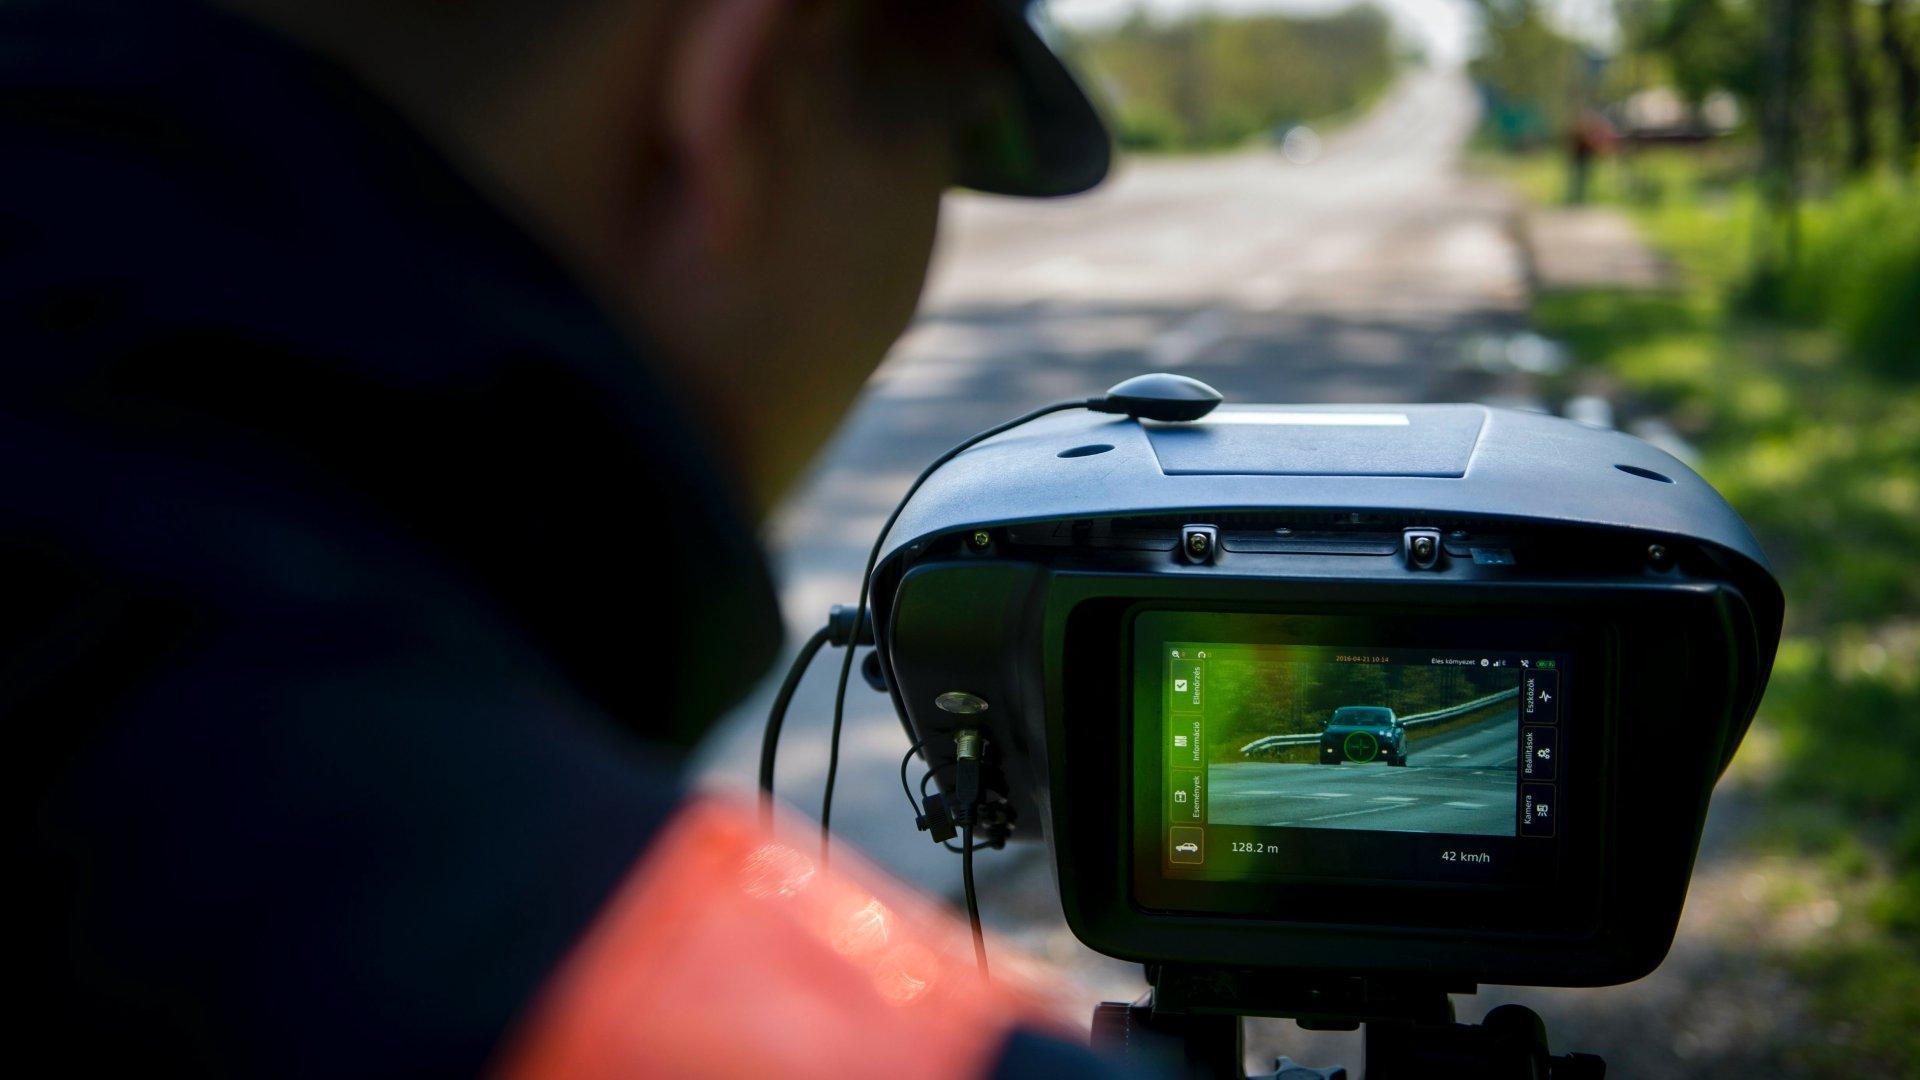 Traffipaxszal ellenőrzi a gyorshajtókat egy rendőr